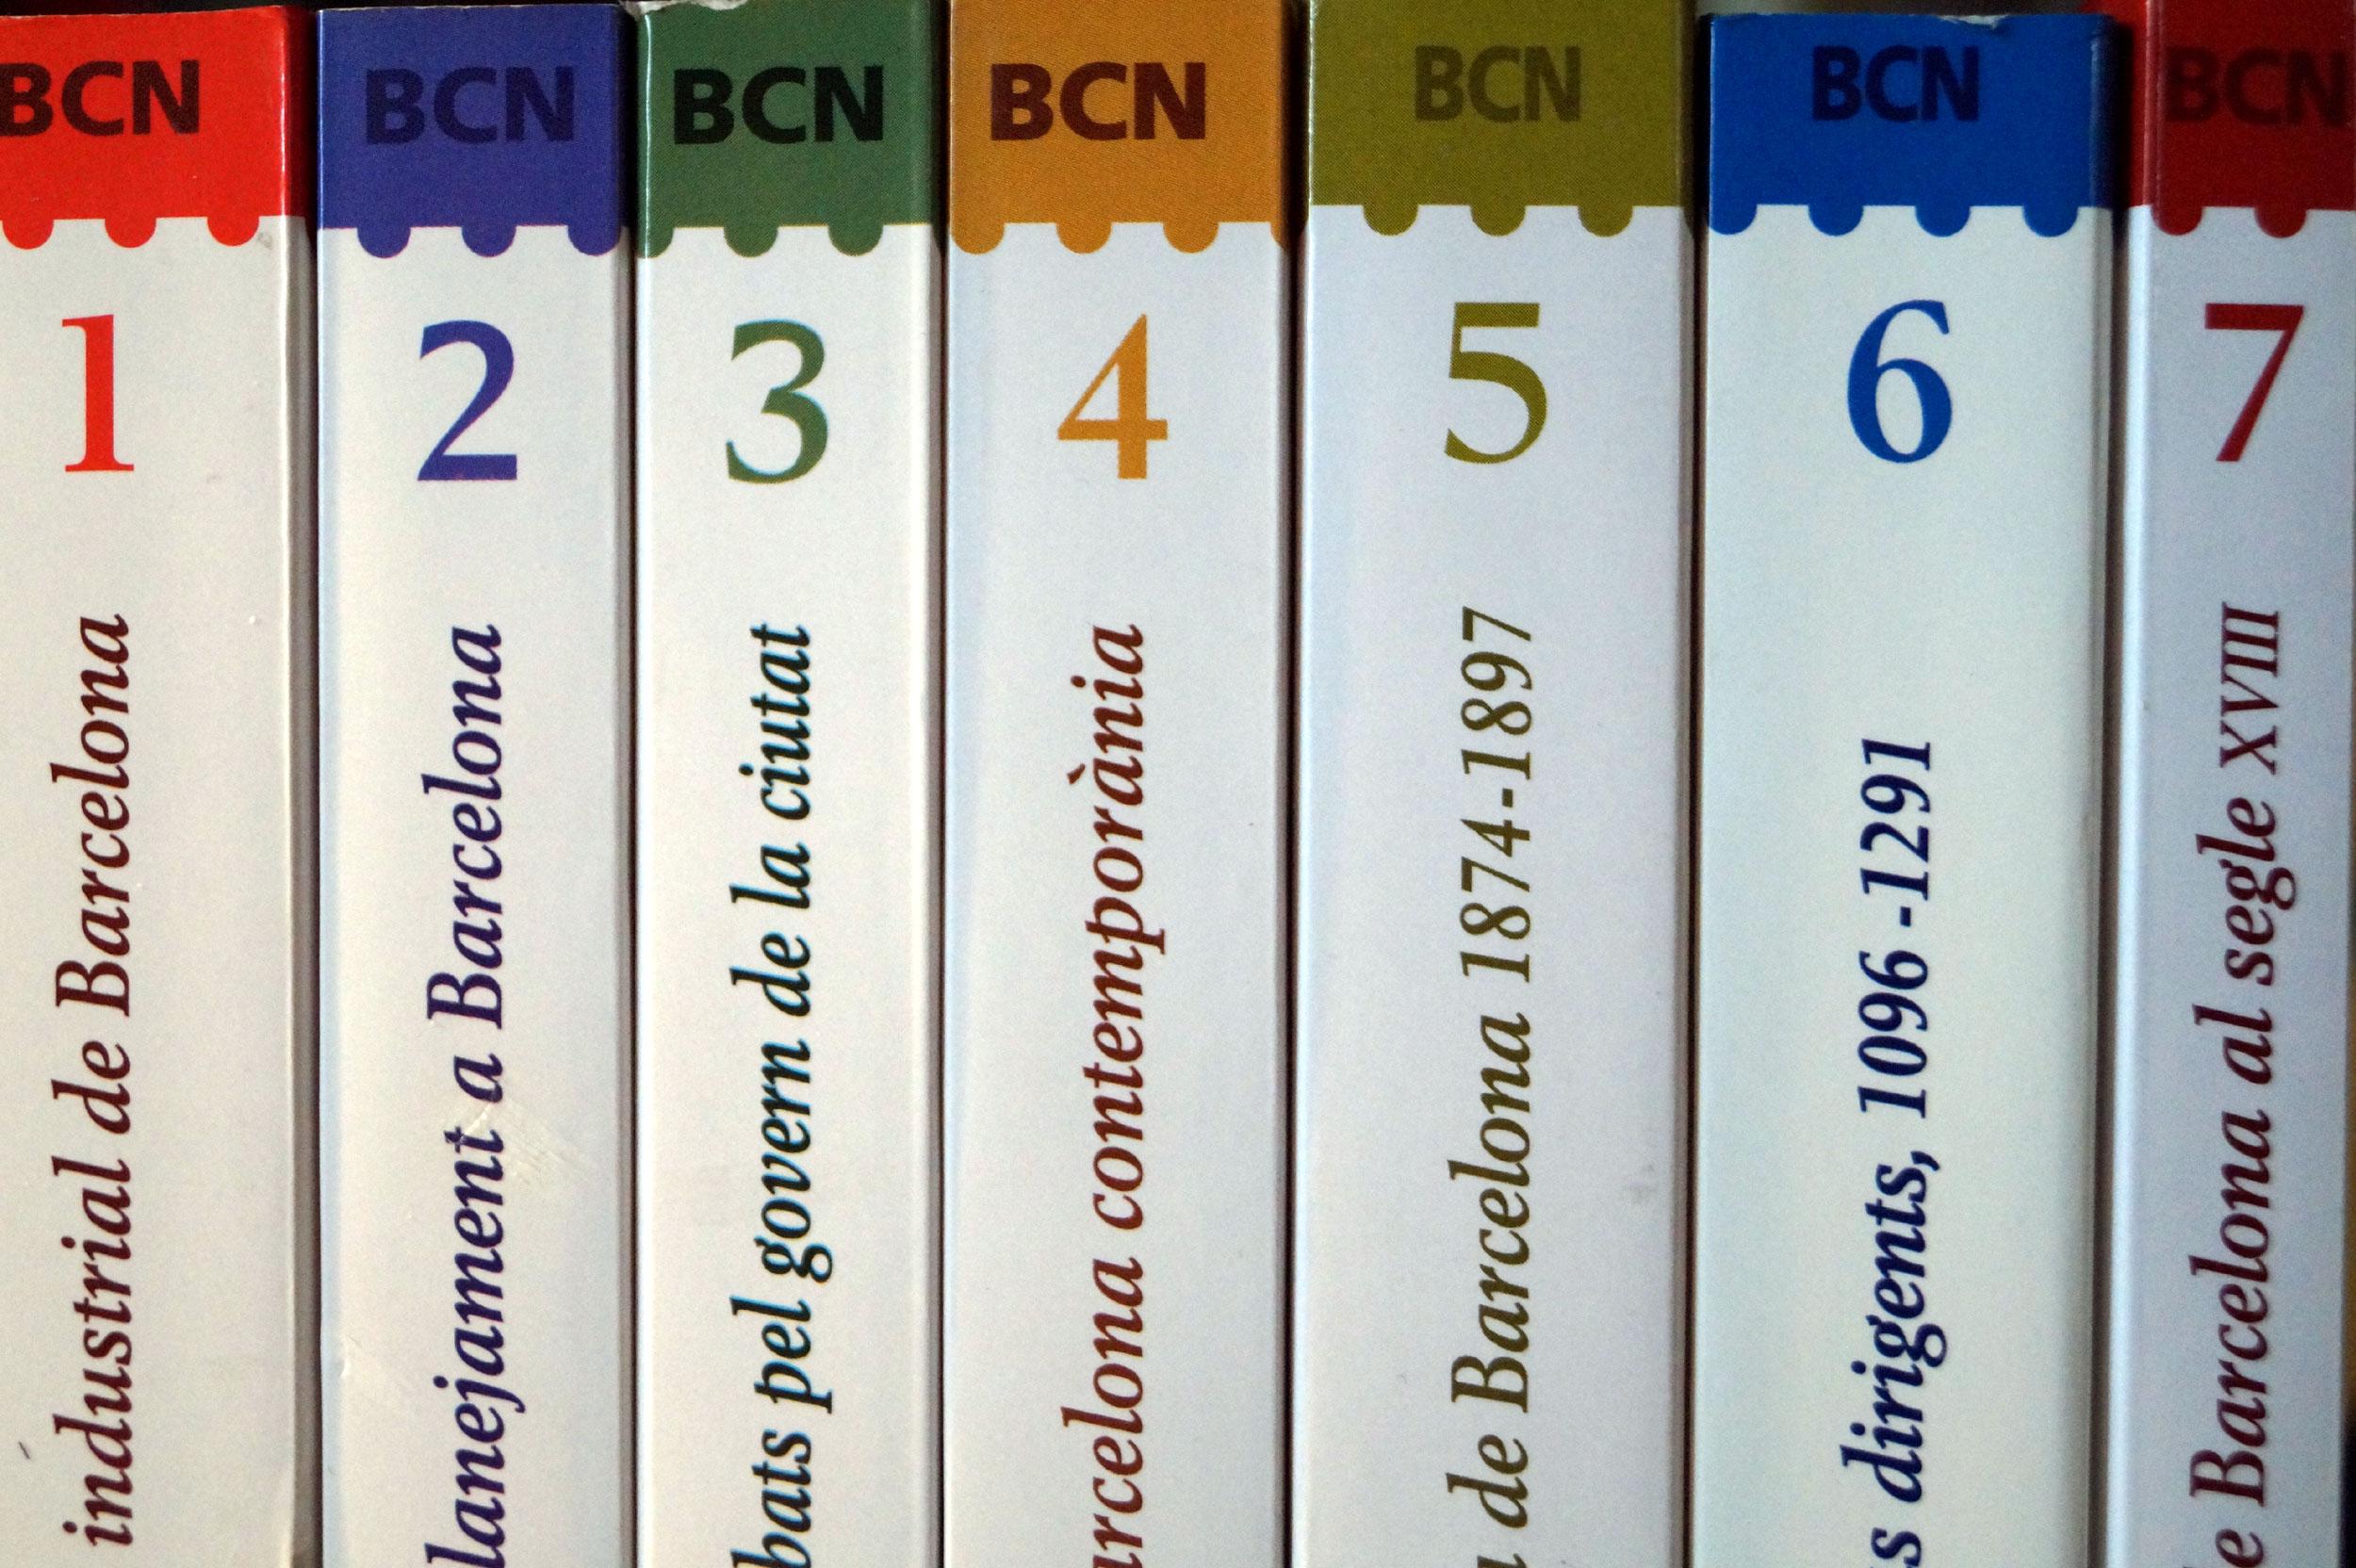 Diversos exemplars de la col·lecció Barcelona Biblioteca Històrica